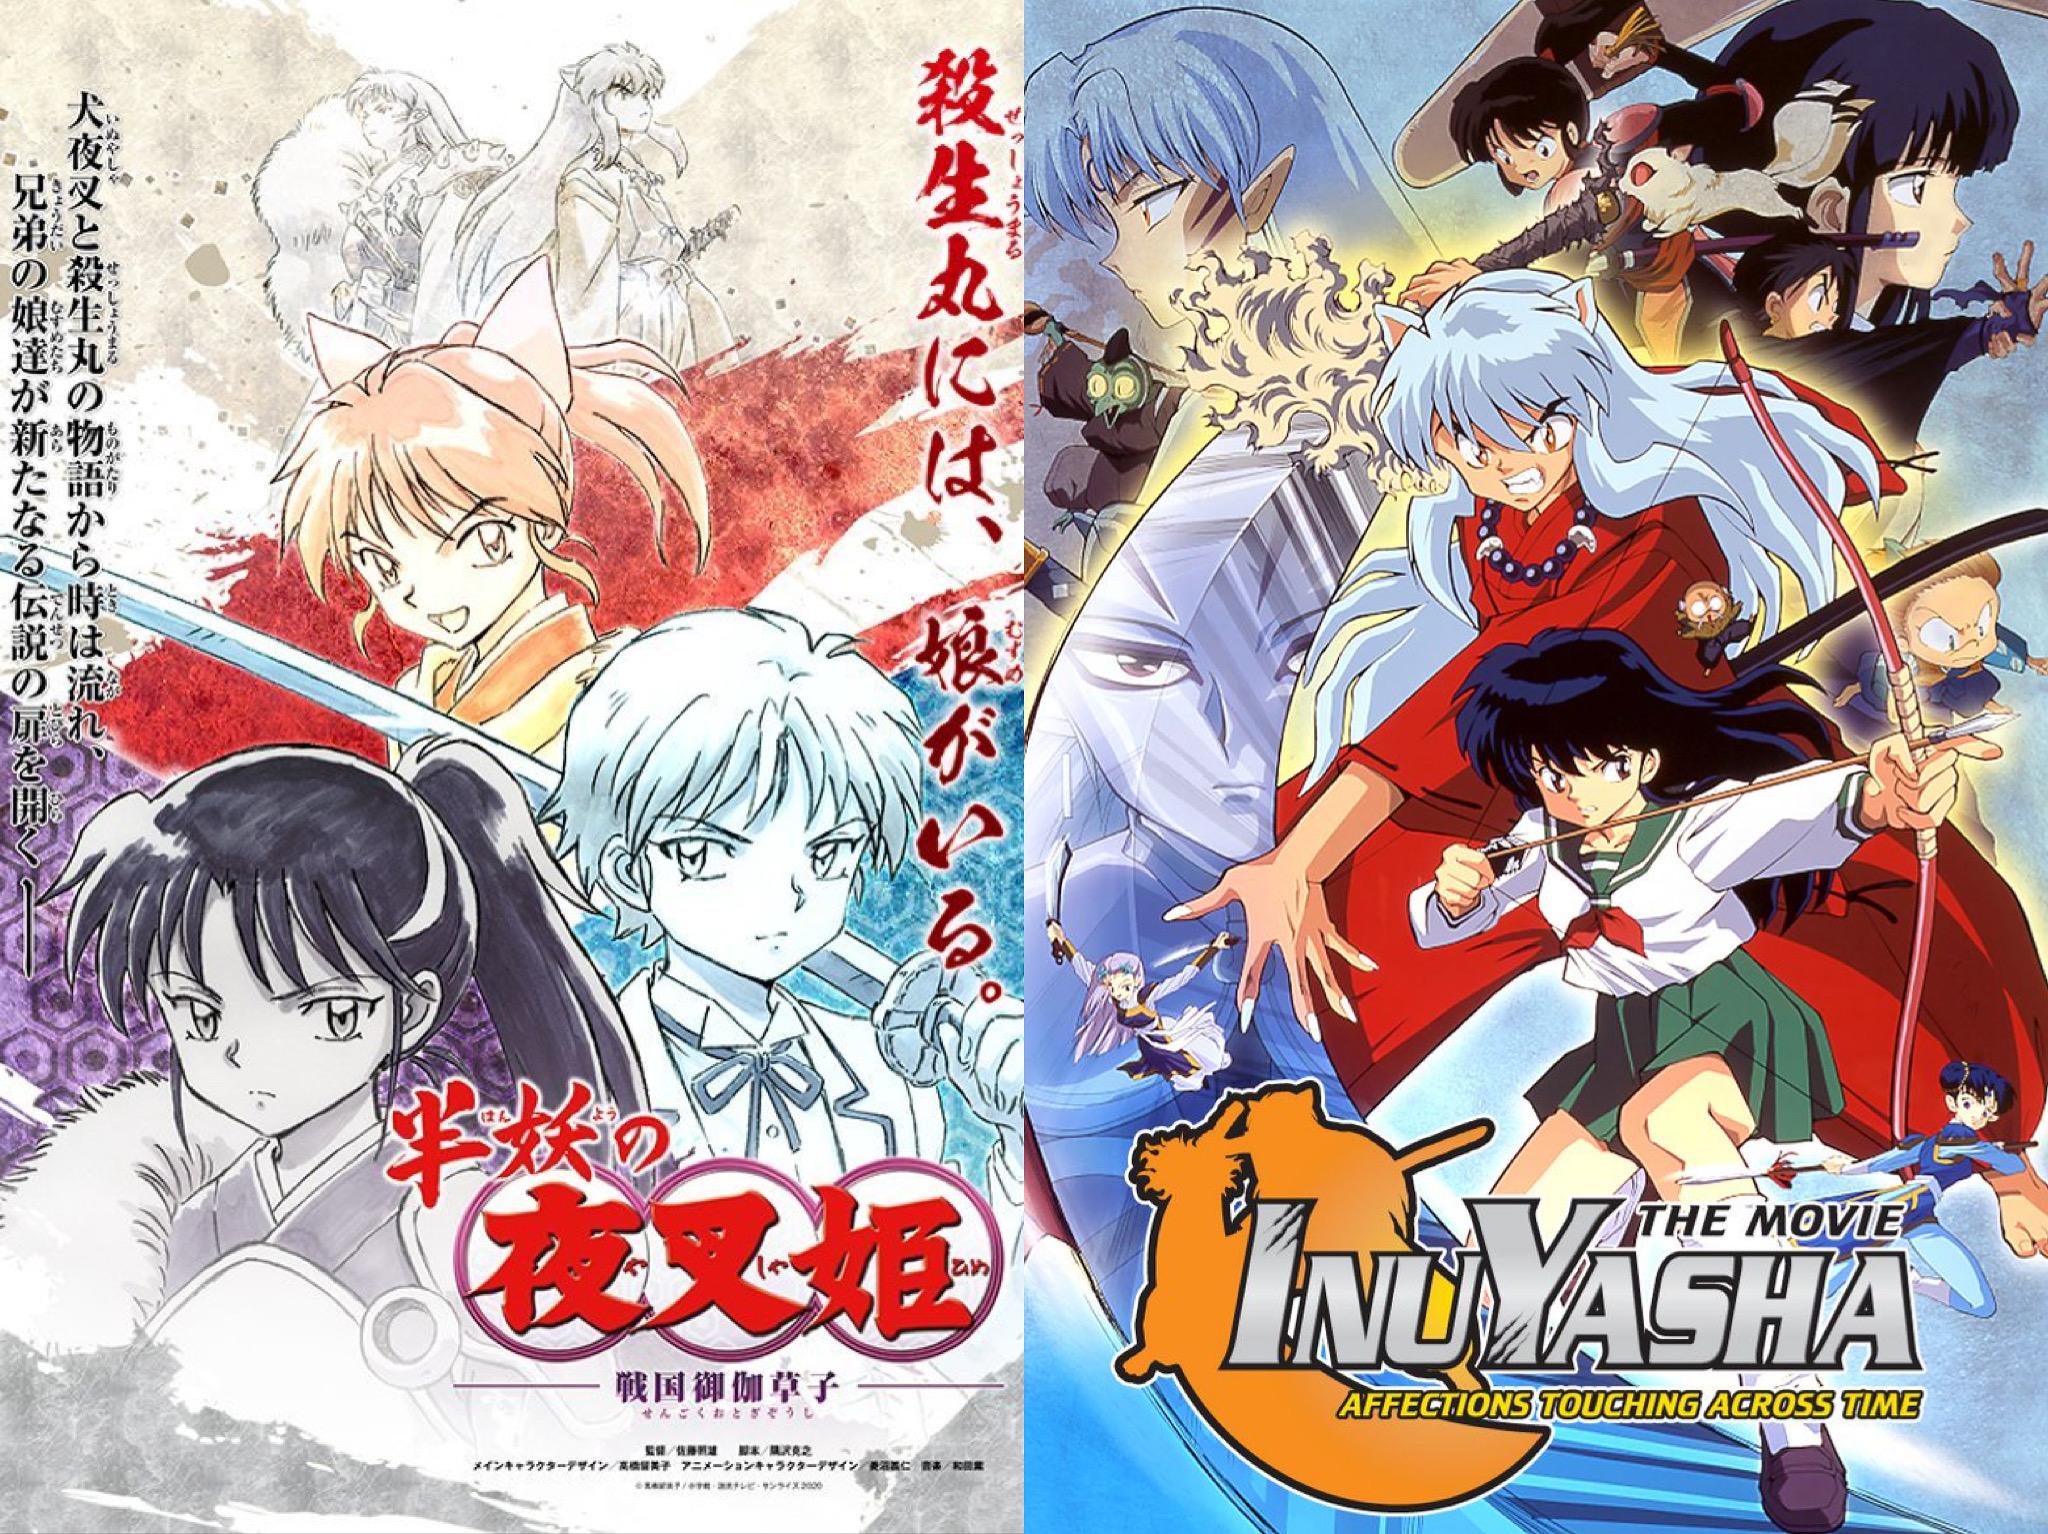 HOT: Inuyasha ra phần mới, cốt truyện hấp dẫn và tạo hình nhân vật cũng được tiết lộ